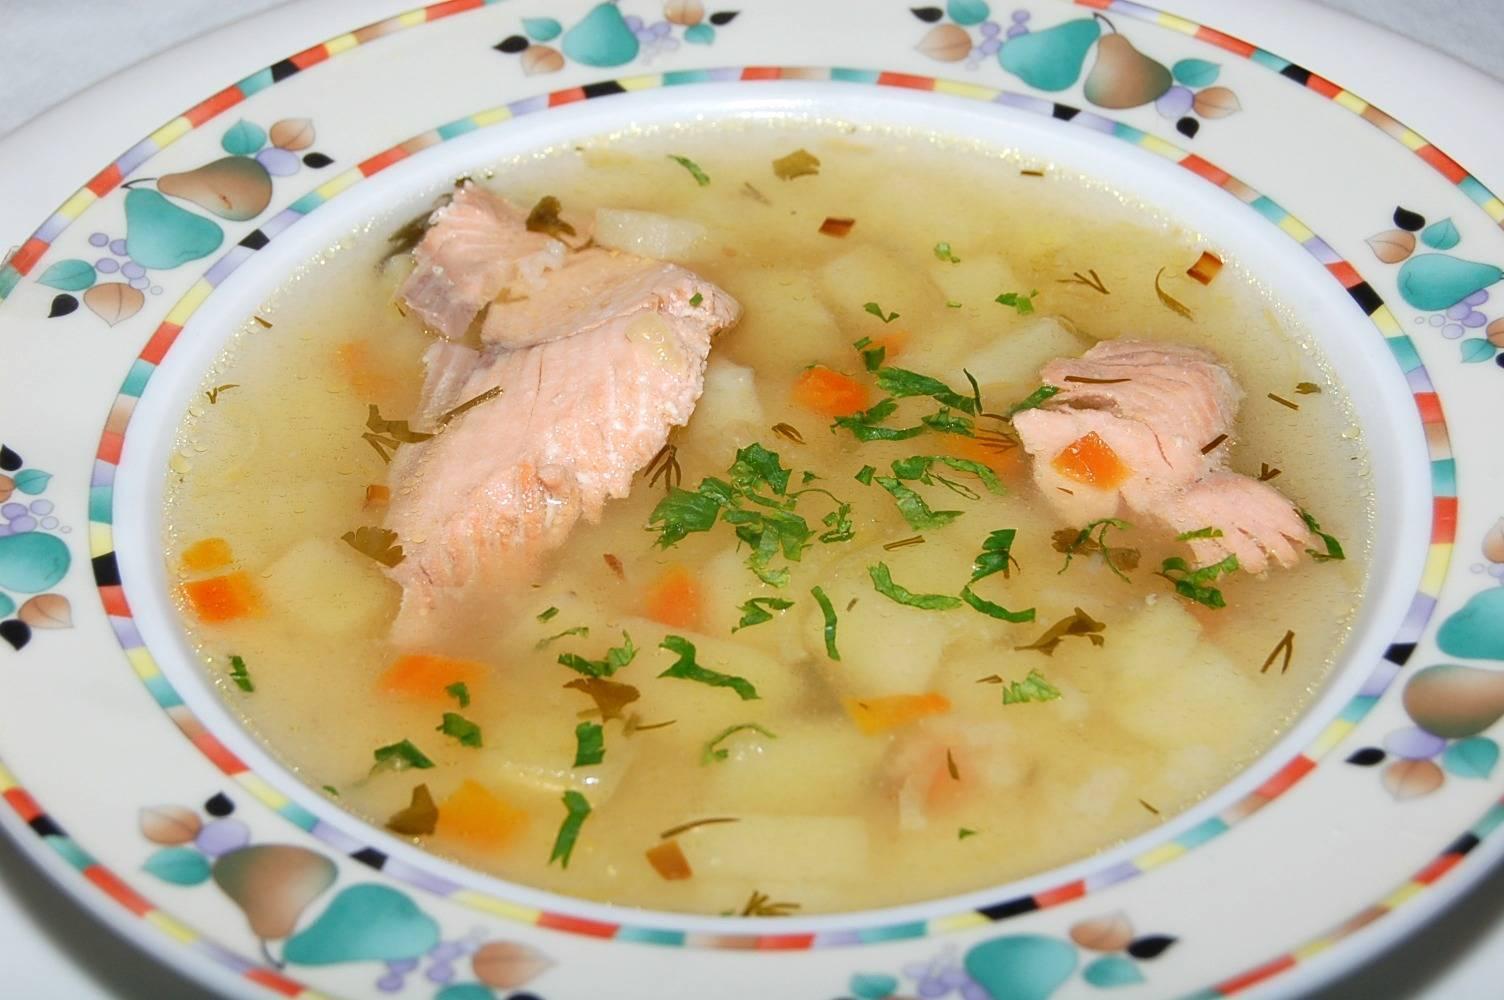 Суп из рыбной консервы — лучшие рецепты. как правильно и вкусно сварить суп из рыбной консервы.